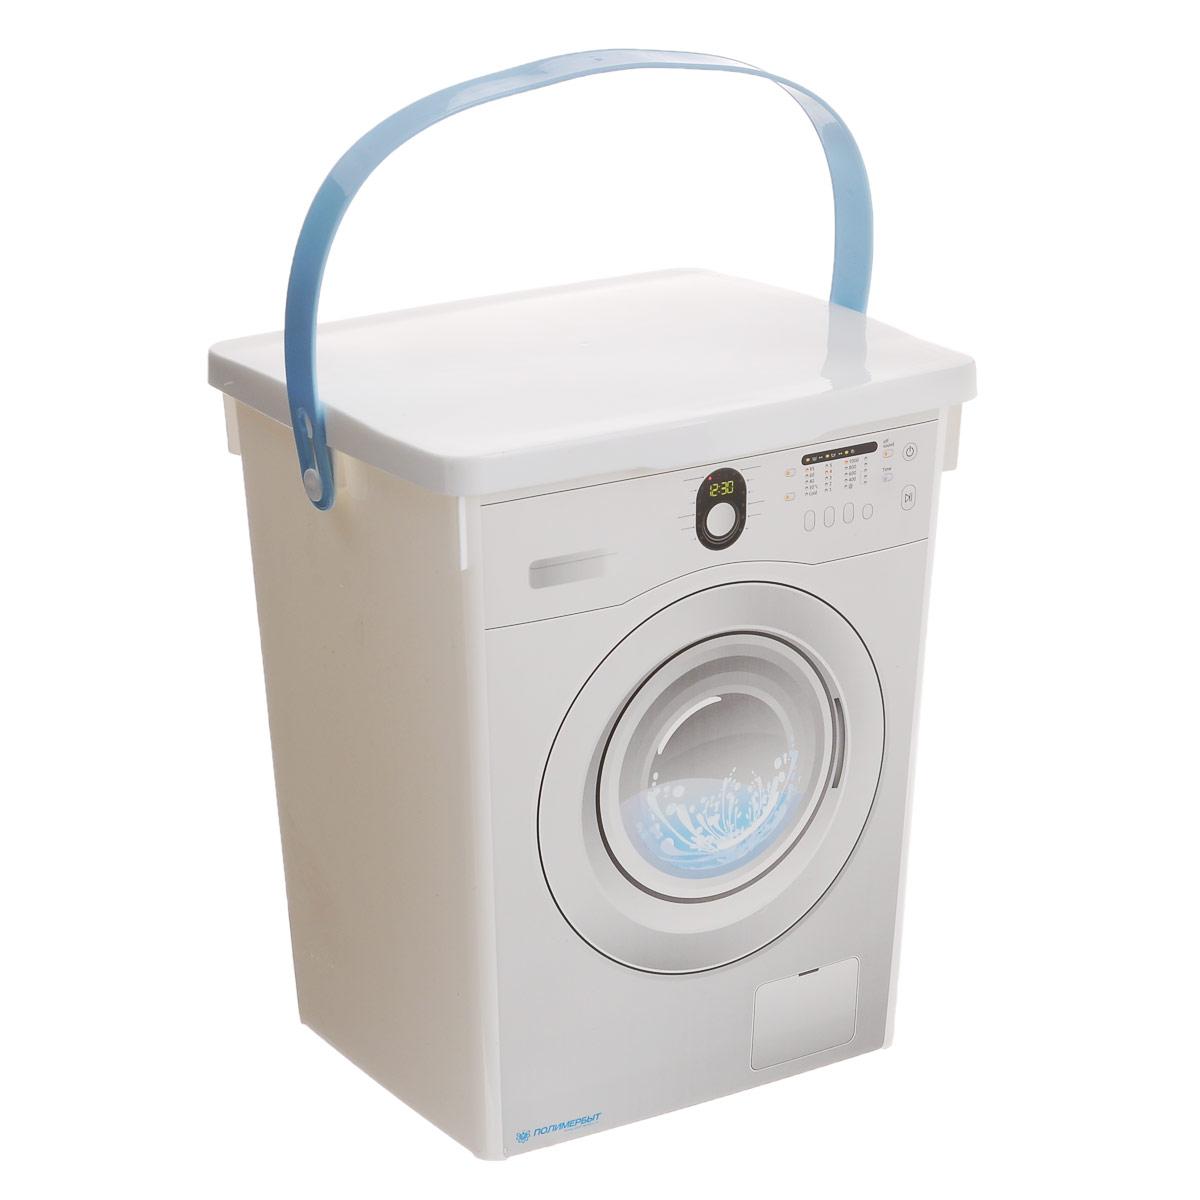 Контейнер для стирального порошка Полимербыт, 5 л контейнер полимербыт лайт цвет голубой 3 л